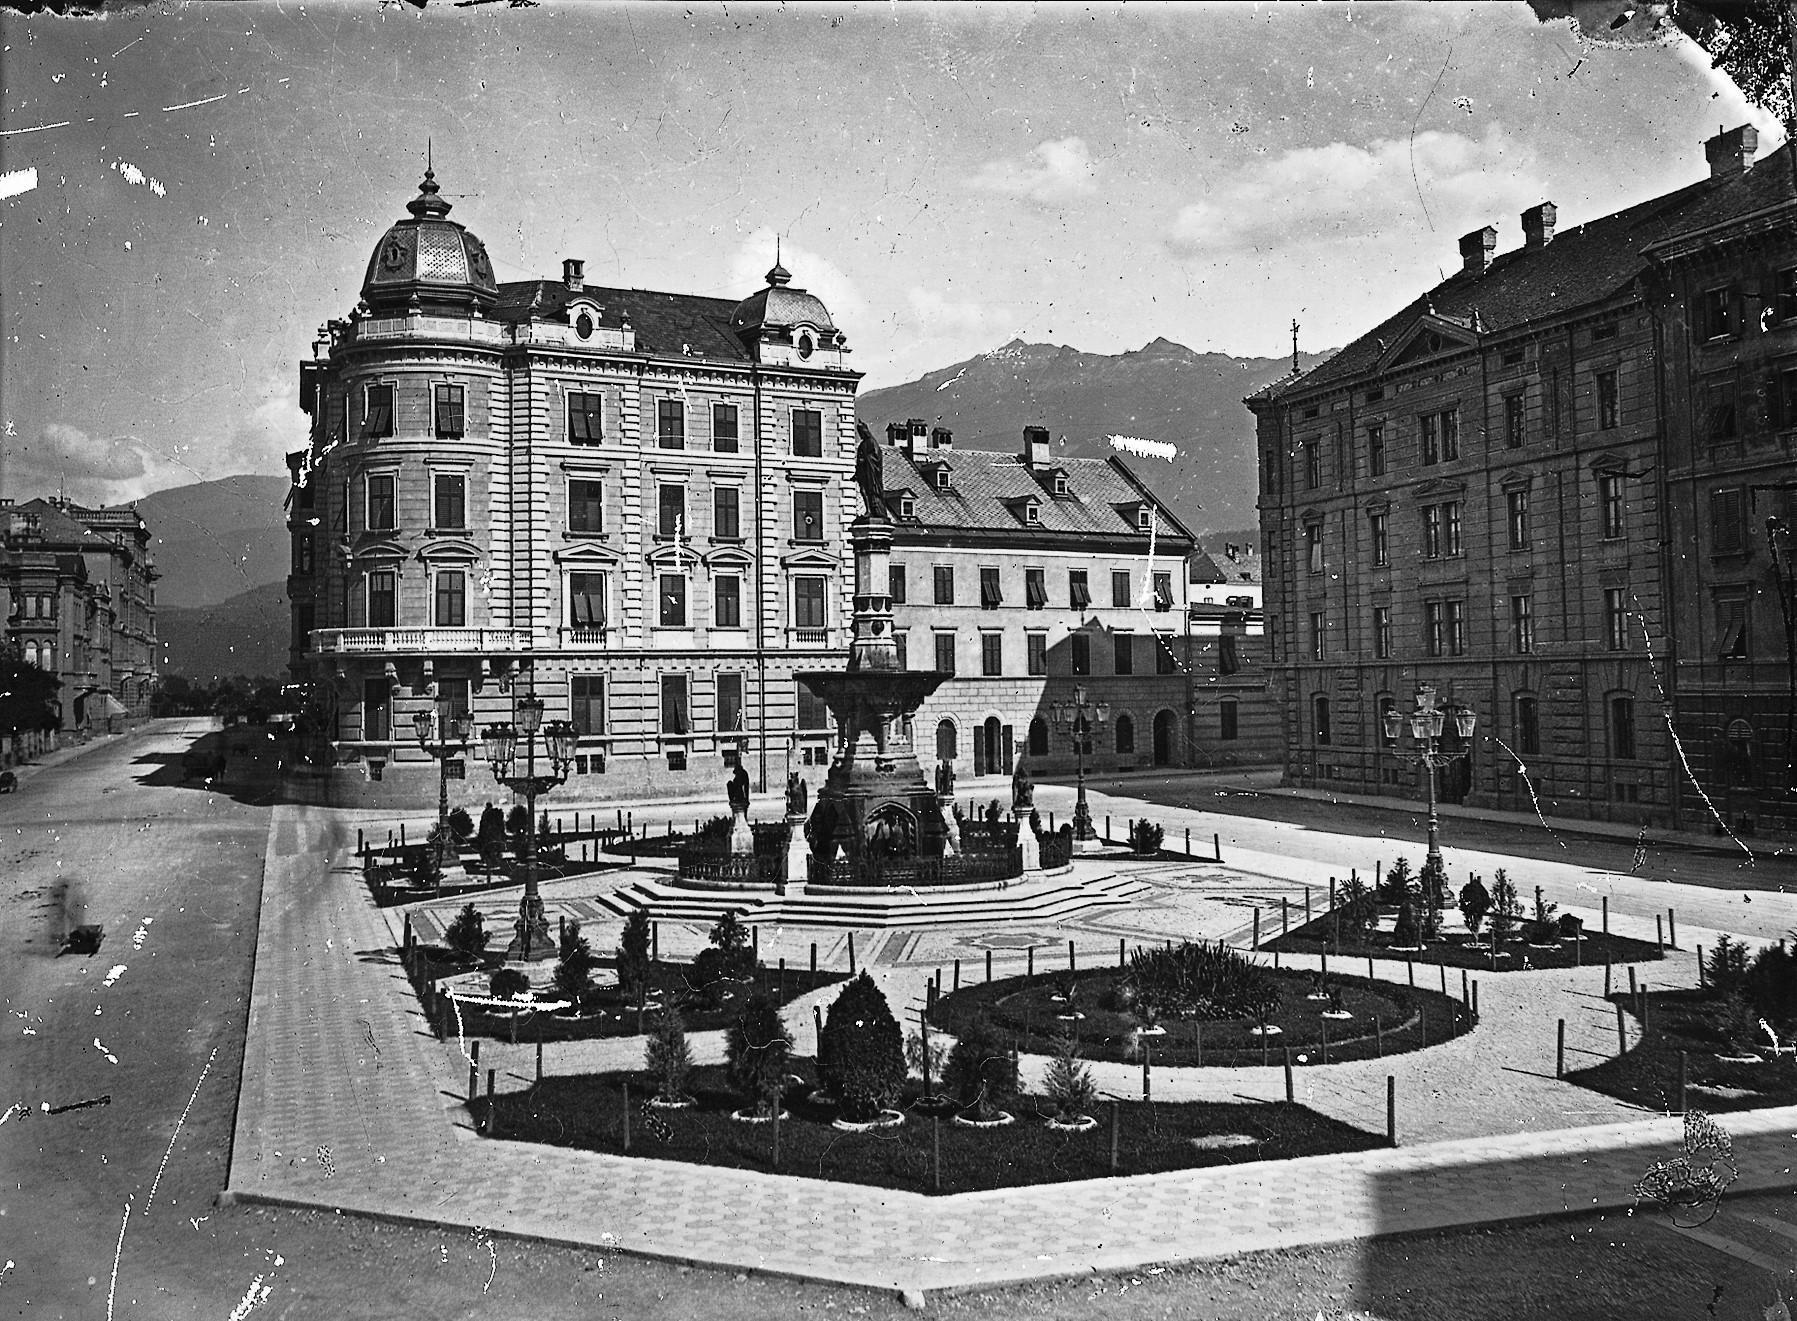 Rudolfsbrunnen